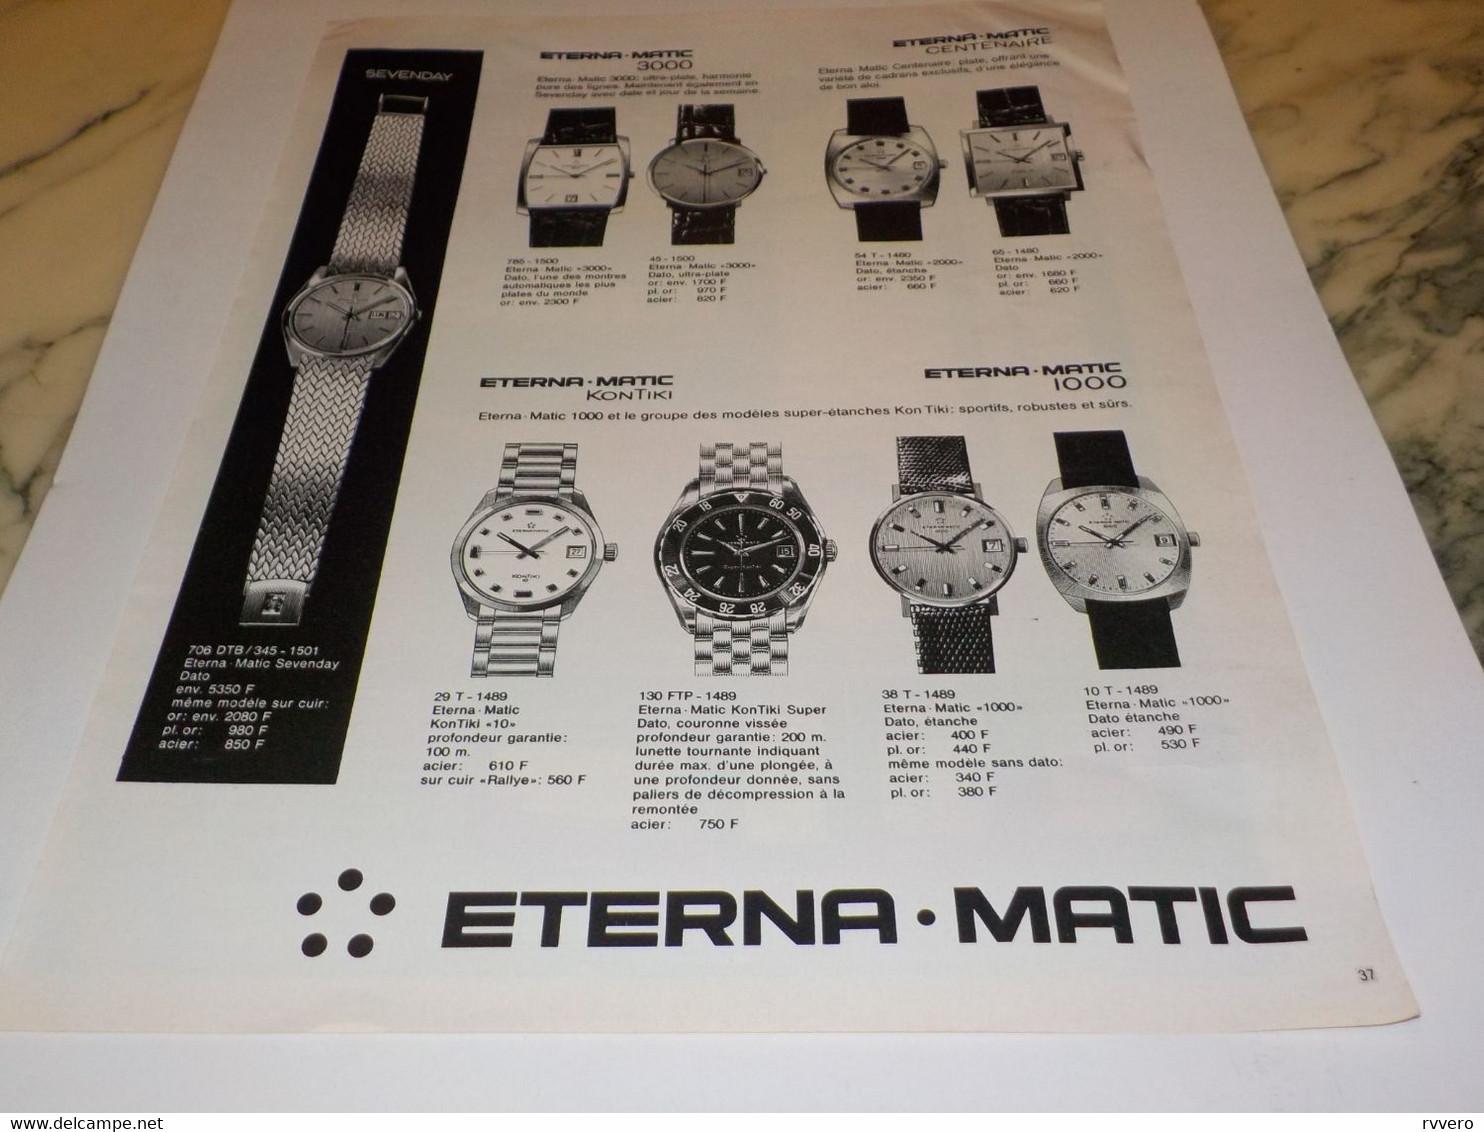 ANCIENNE PUBLICITE MONTRE ETERNA.MATIC 1969 - Bijoux & Horlogerie